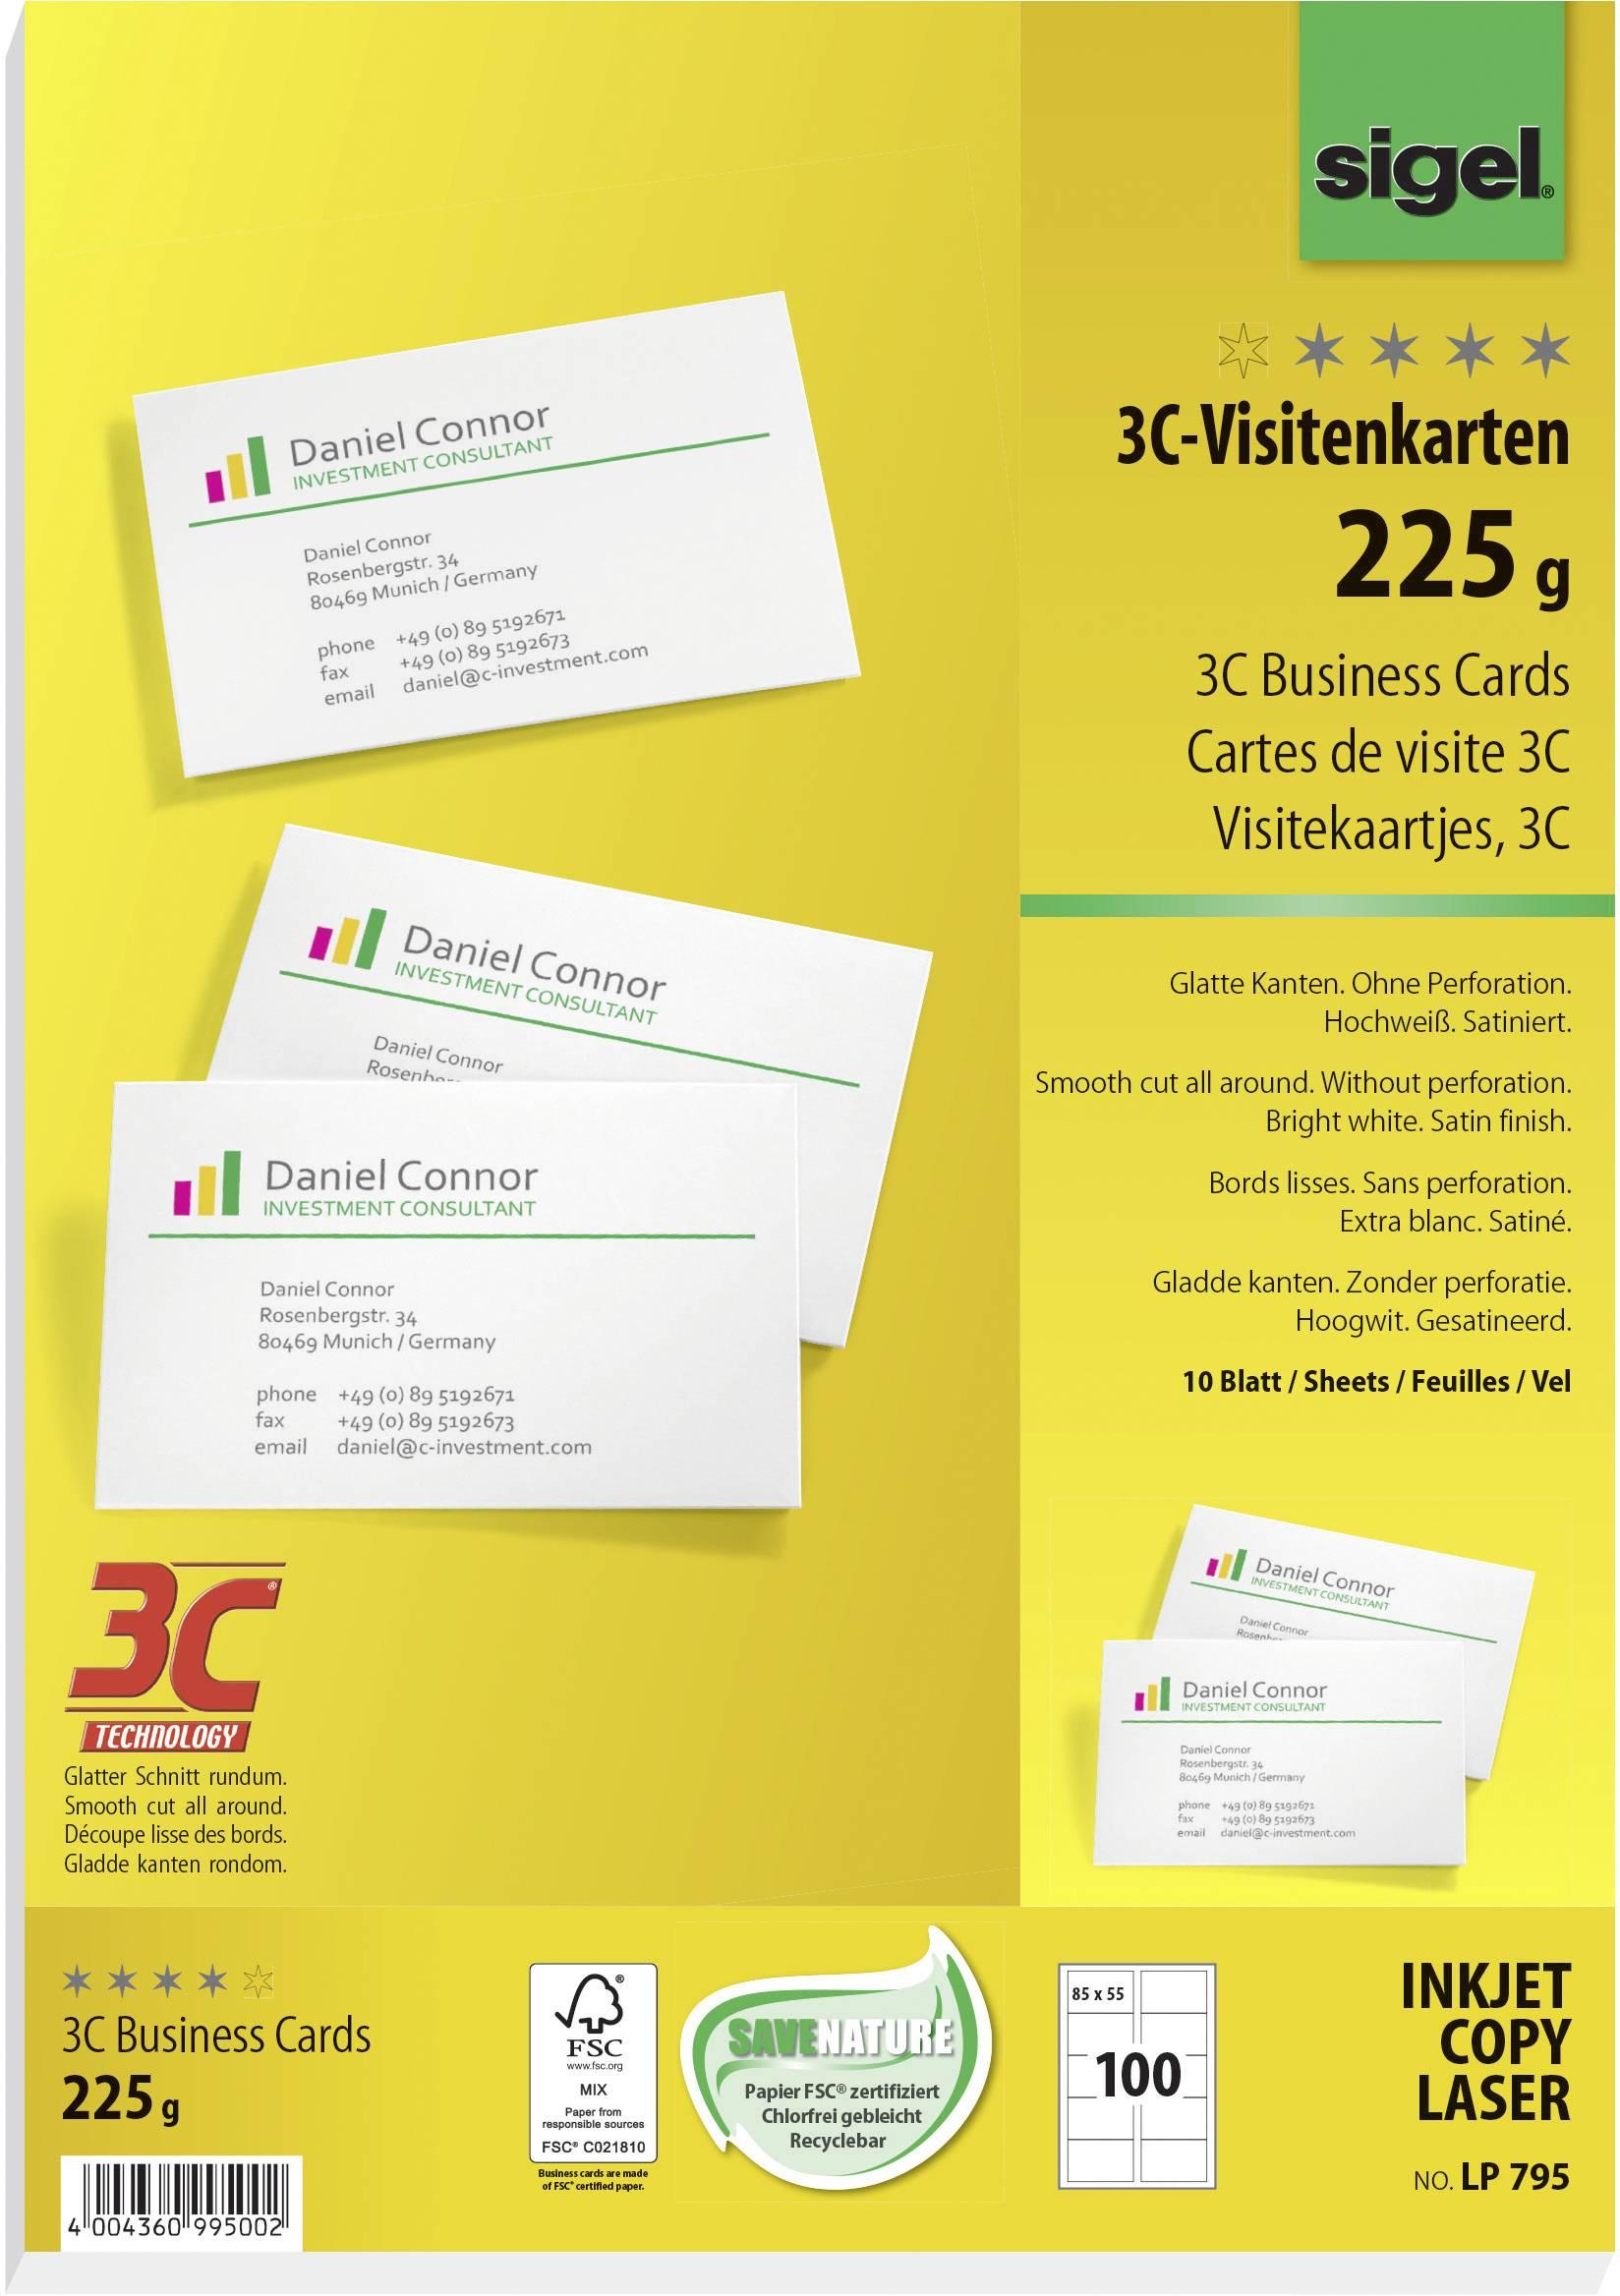 Sigel Lp795 Bedruckbare Visitenkarten Glatte Kanten 85 X 55 Mm Hochweiß 100 St Papierformat Din A4